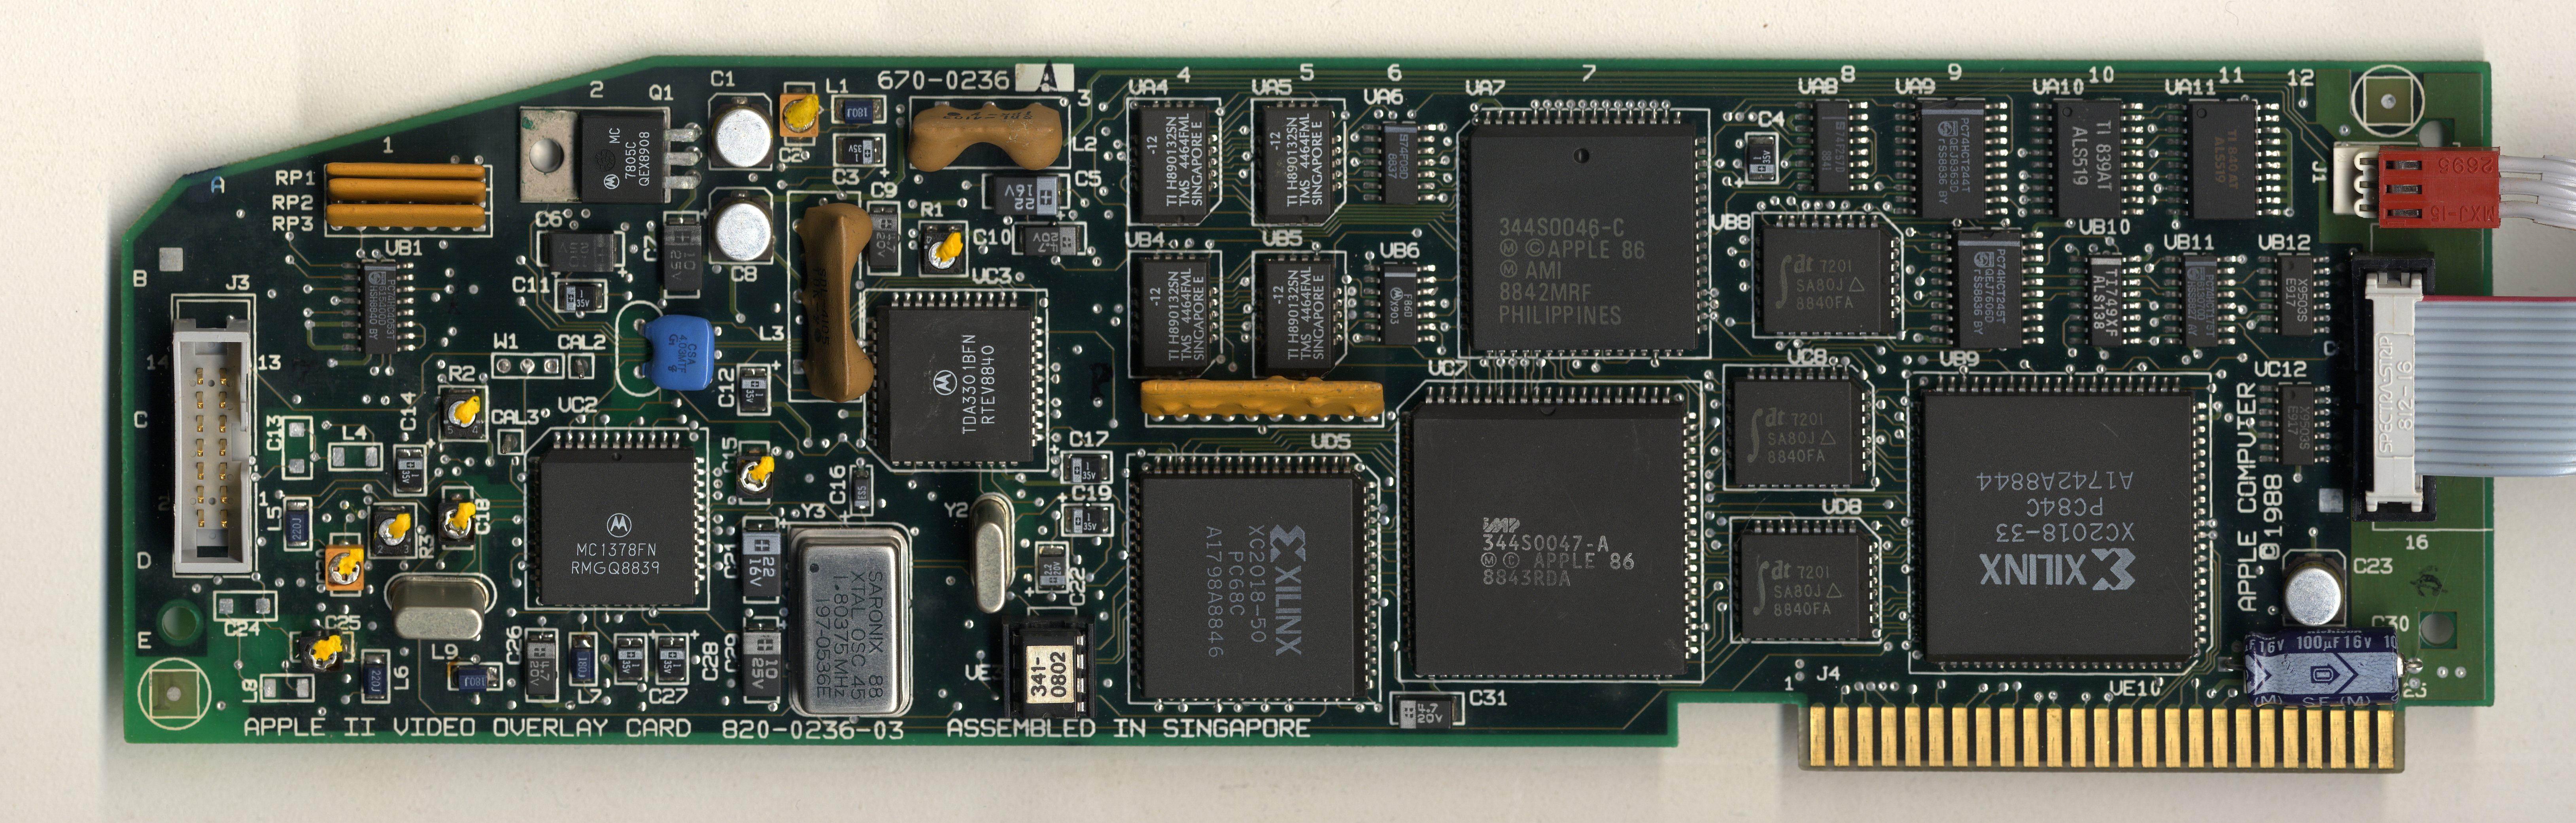 IMAGE(http://www.applelogic.org/files/AVOChires.jpg)